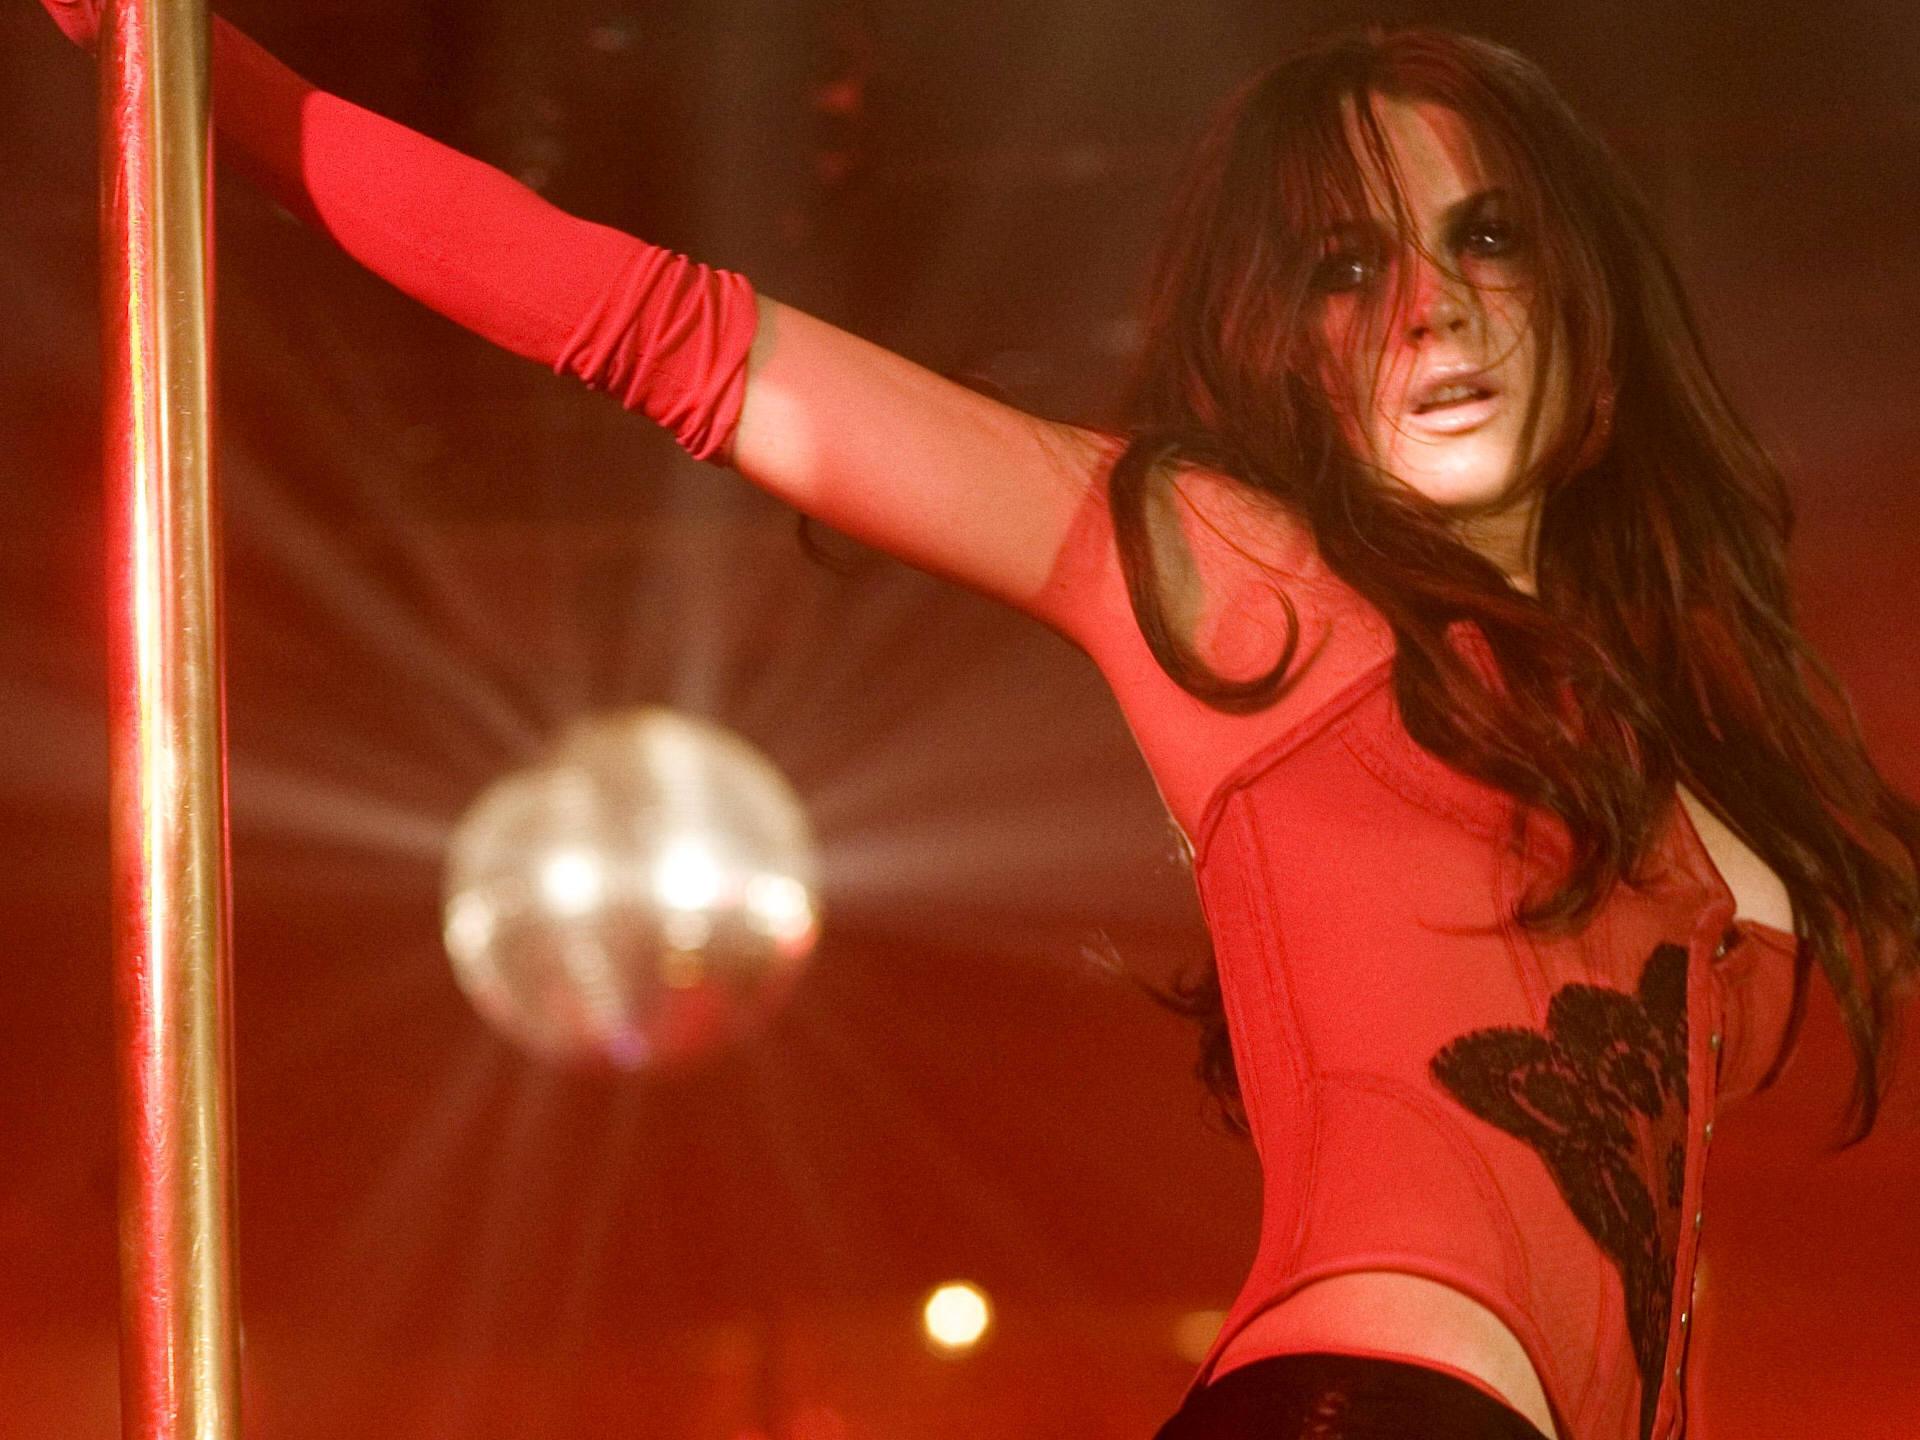 Hot redhead stripper